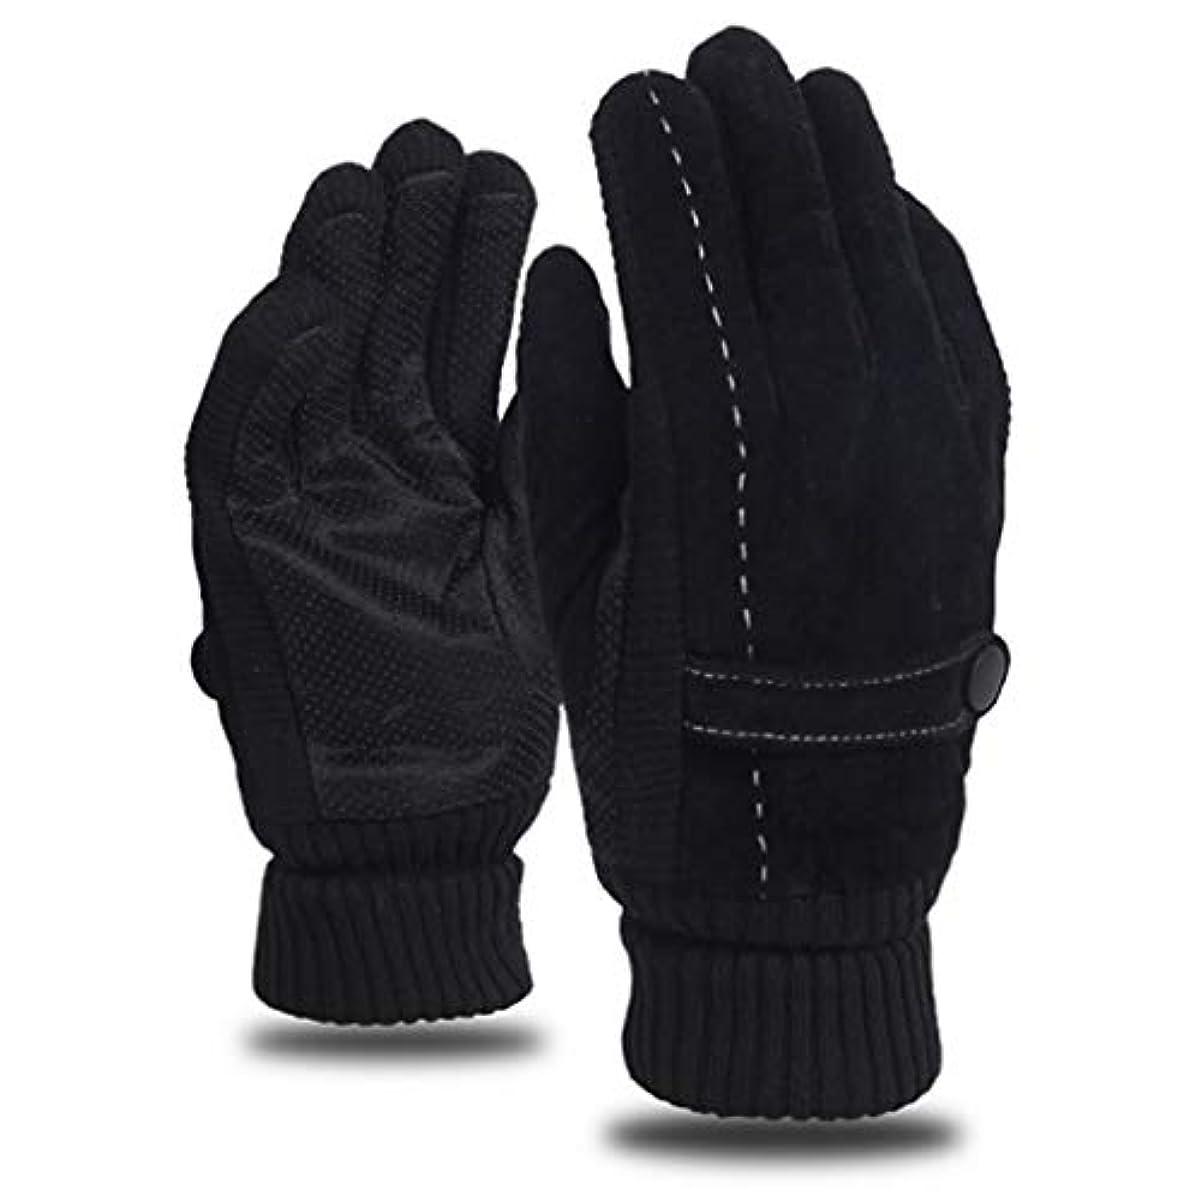 発見受け皿落胆したレザーグローブメンズウィンライディングプラスベルベット厚手暖かいドライビングアウトドアオートバイ防風コールドノンスリップメンズコットン手袋 (色 : 黒)